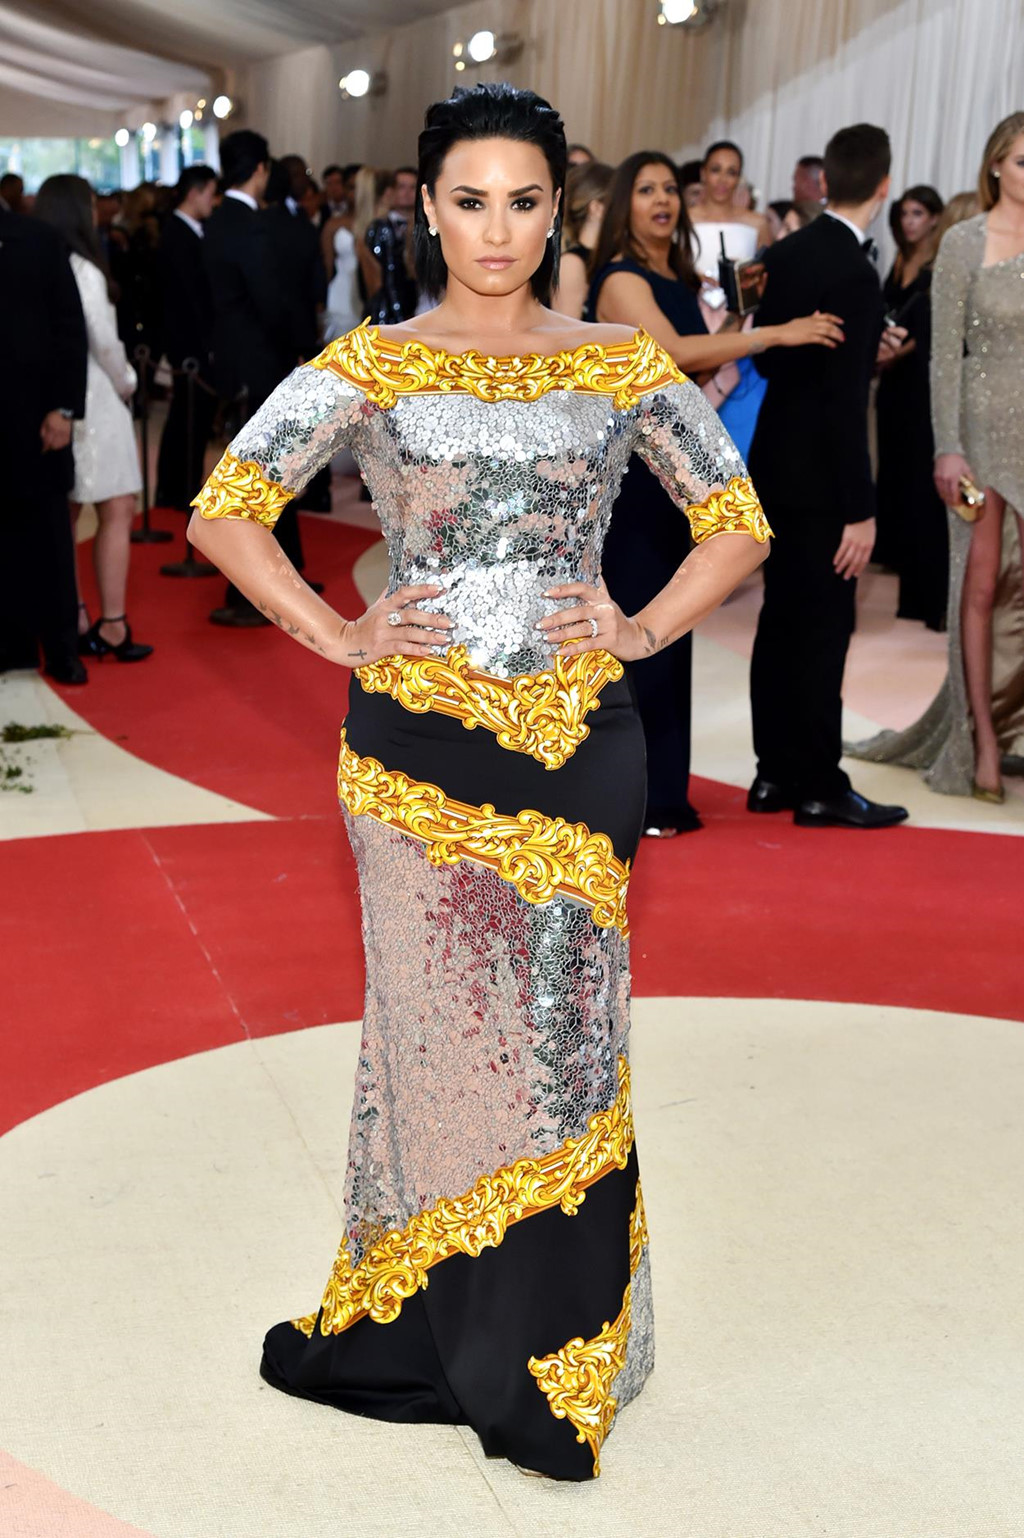 Bộ váy hở ngực của Selena lọt top trang phục thảm họa tại Met Gala - Hình 5